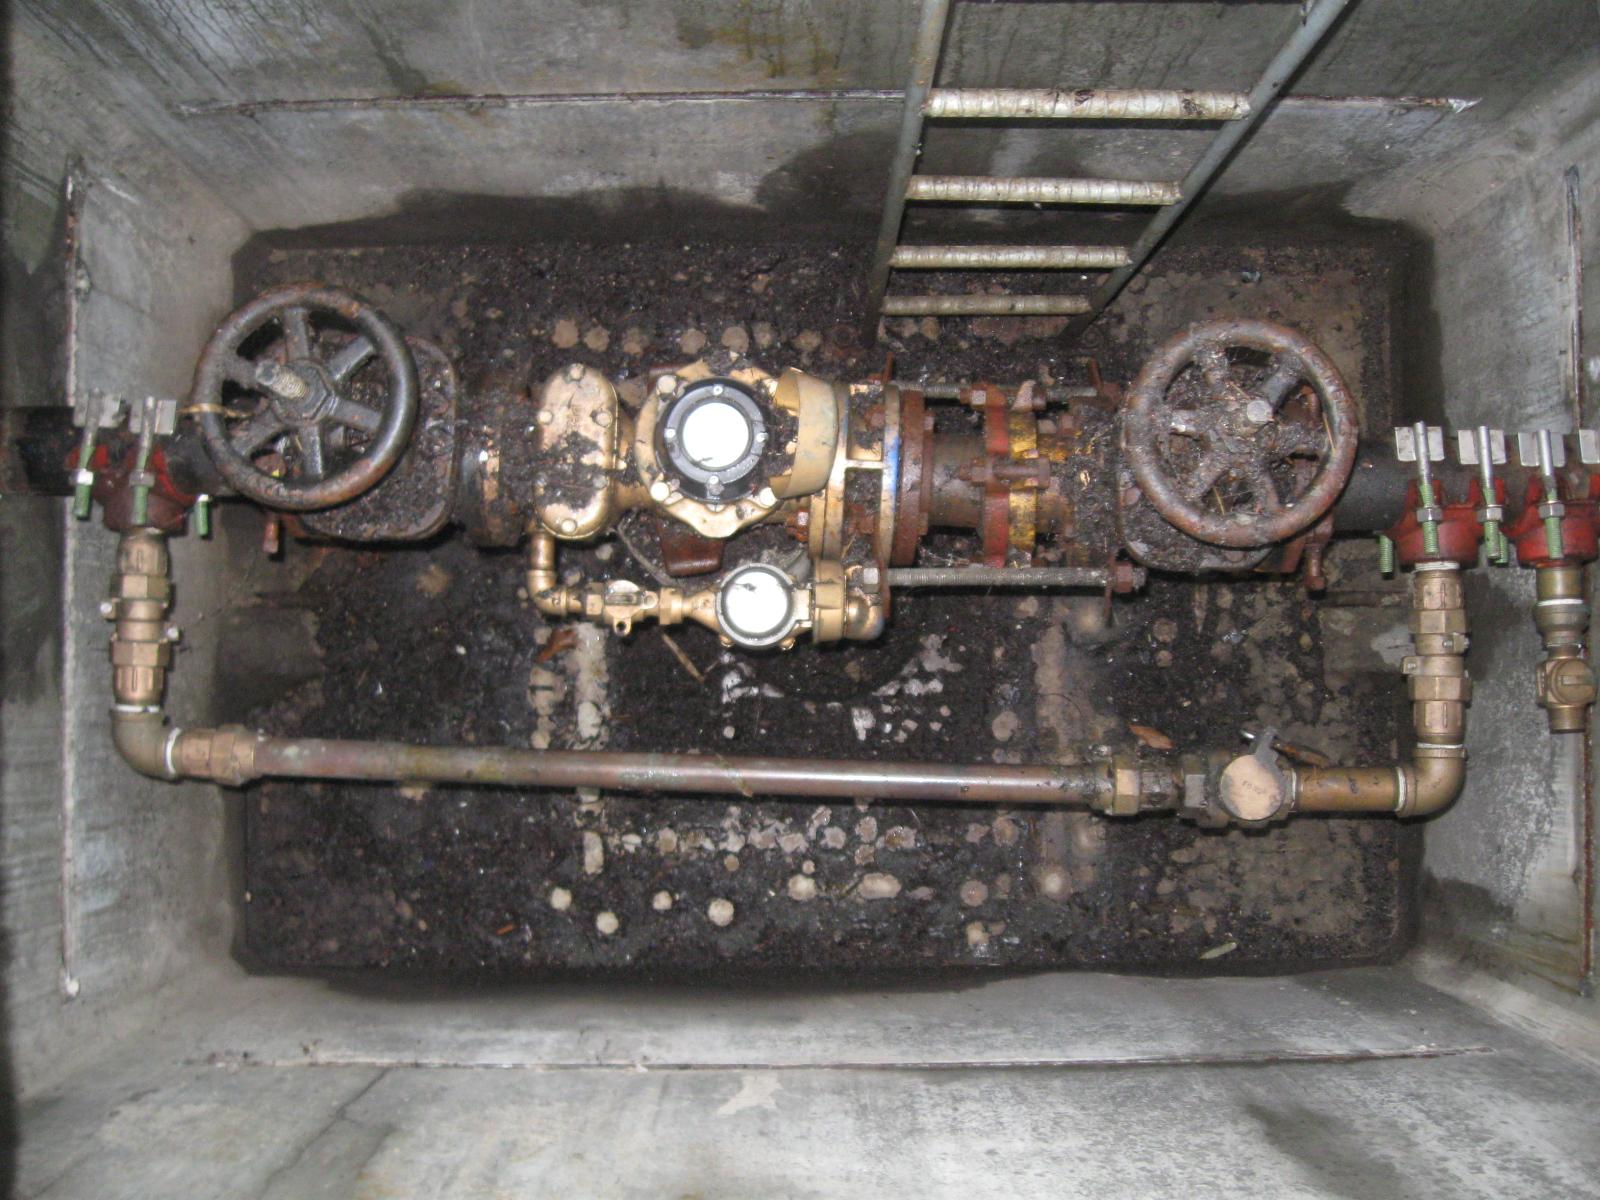 Bellevue Water Meter Replacement-Bellevue, WA